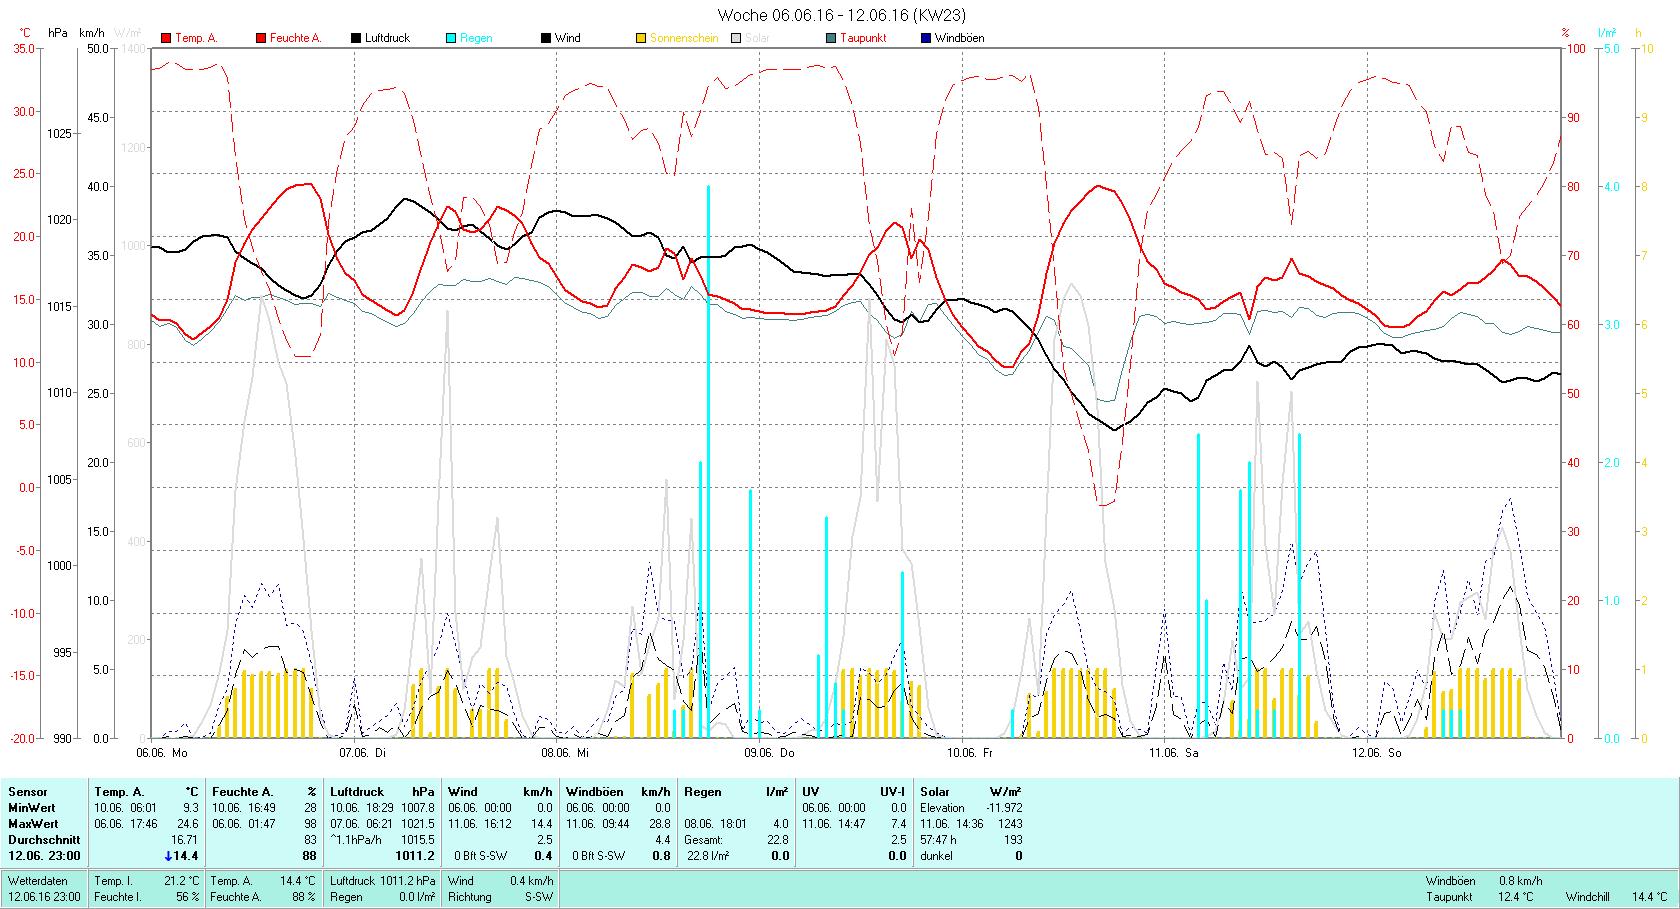 KW 23 Tmin 9.3°C, Tmax 24.6°C, Sonne 57:47h, Niederschlag 22.8mm/2